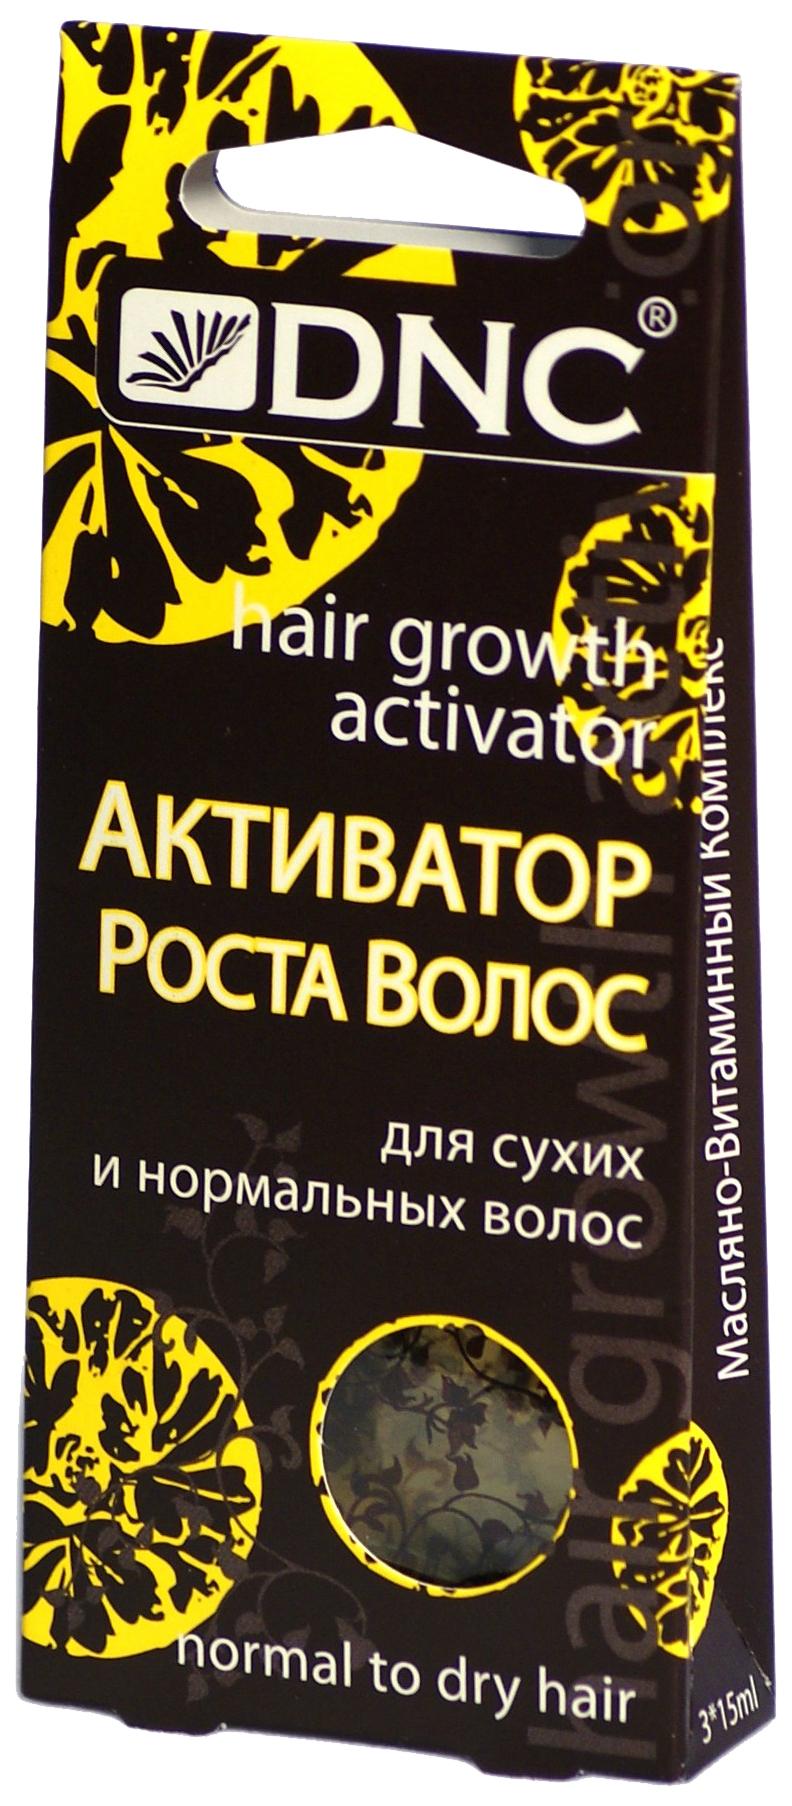 Масло для волос DNC Активатор роста волос для сухих и нормальных волос 15 мл